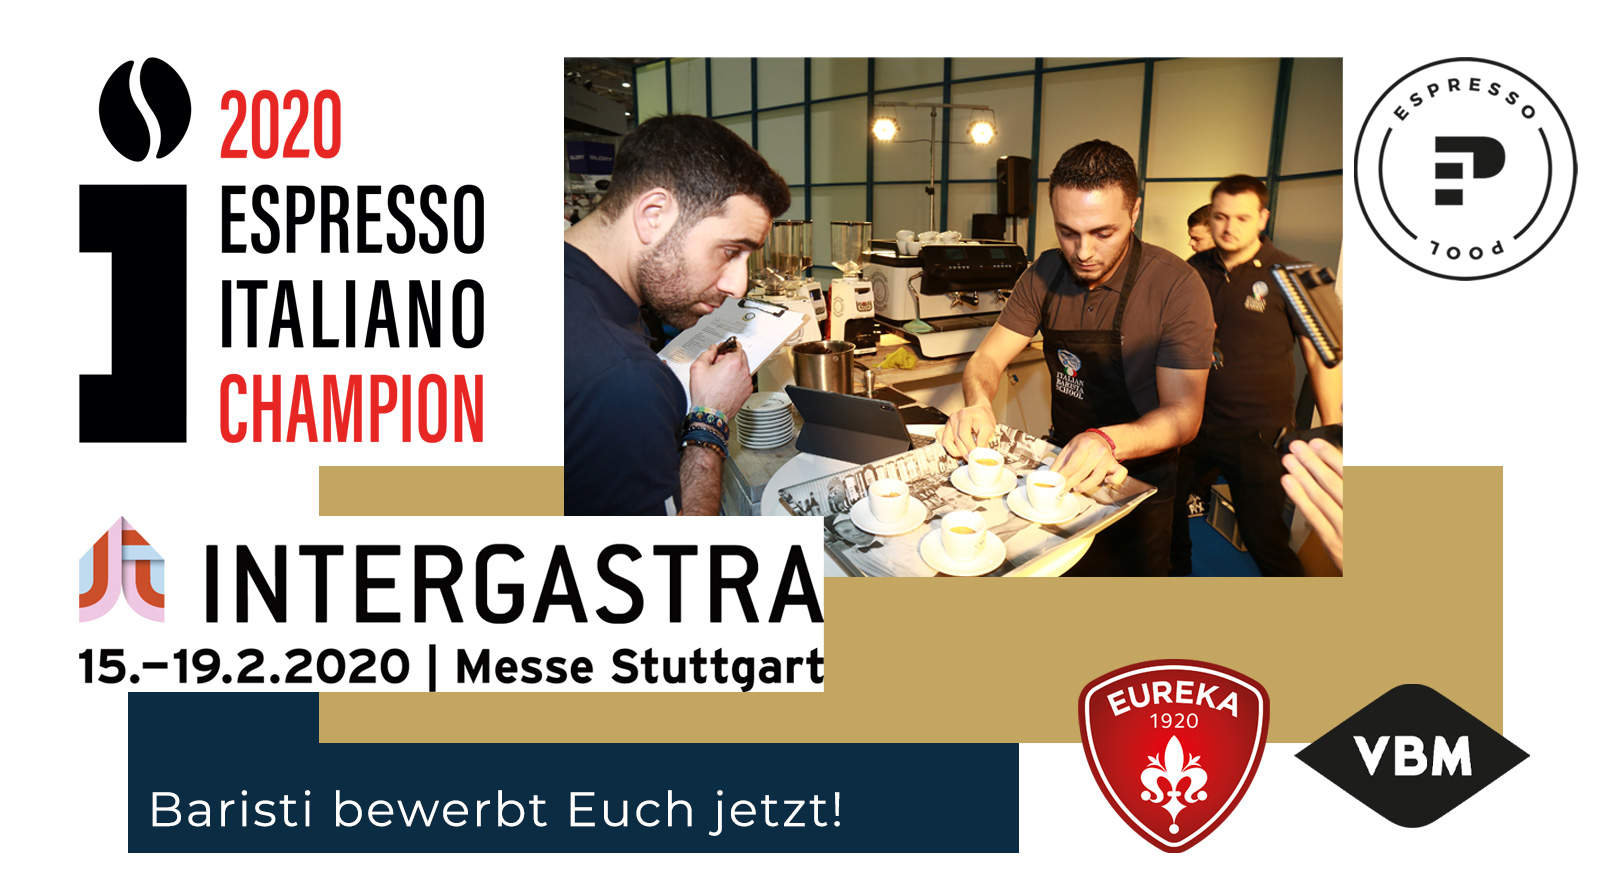 Anmeldung Espresso Italiano Barista Meisterschaft 2020